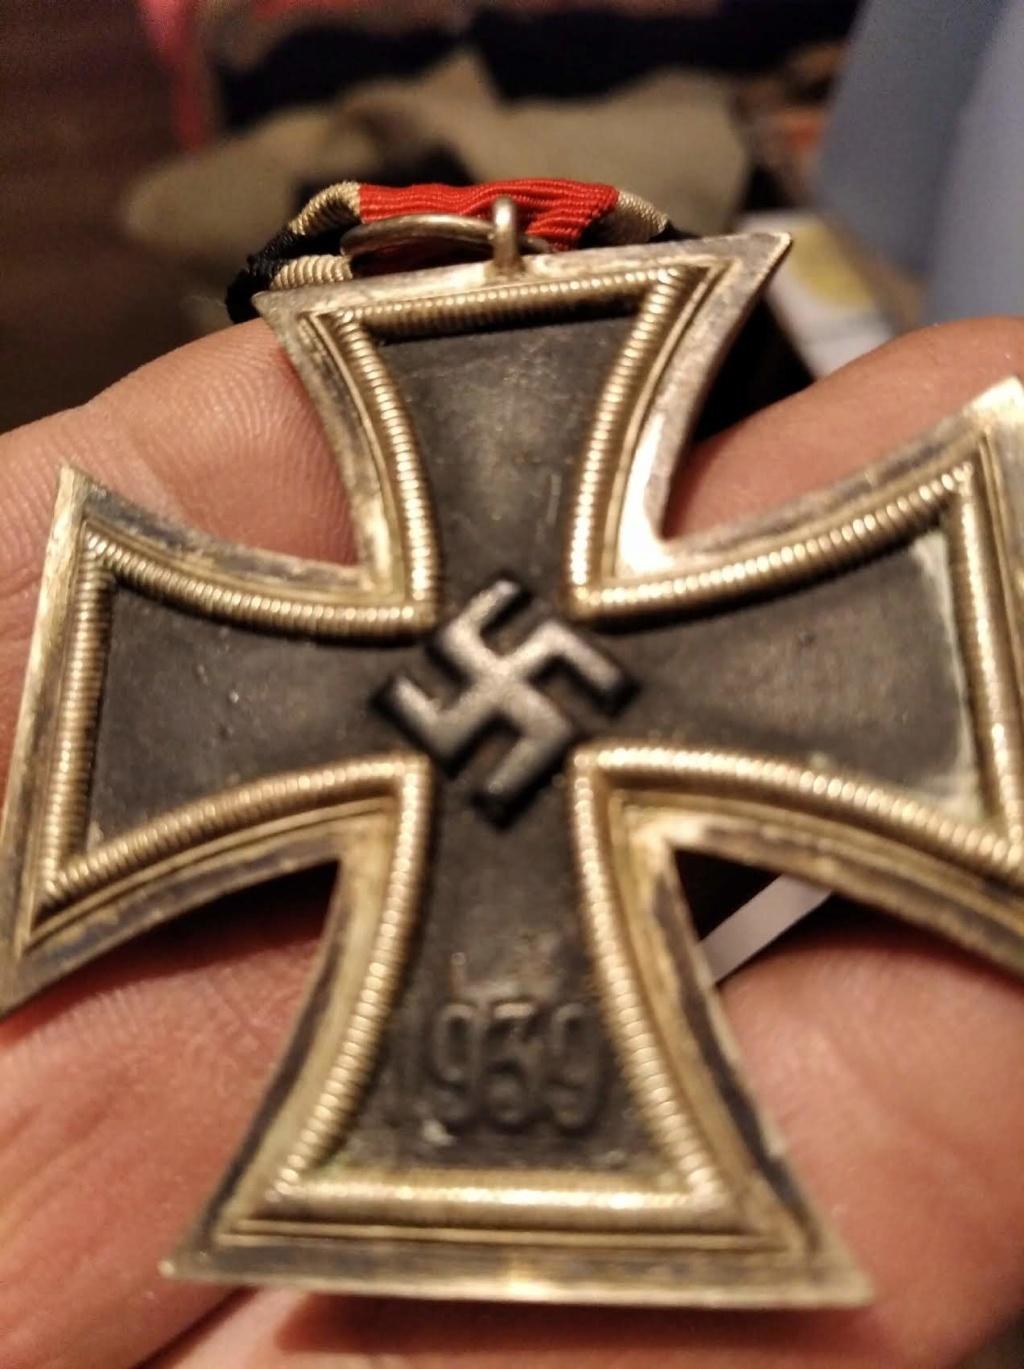 Authentification croix de fer ww2 Image_10